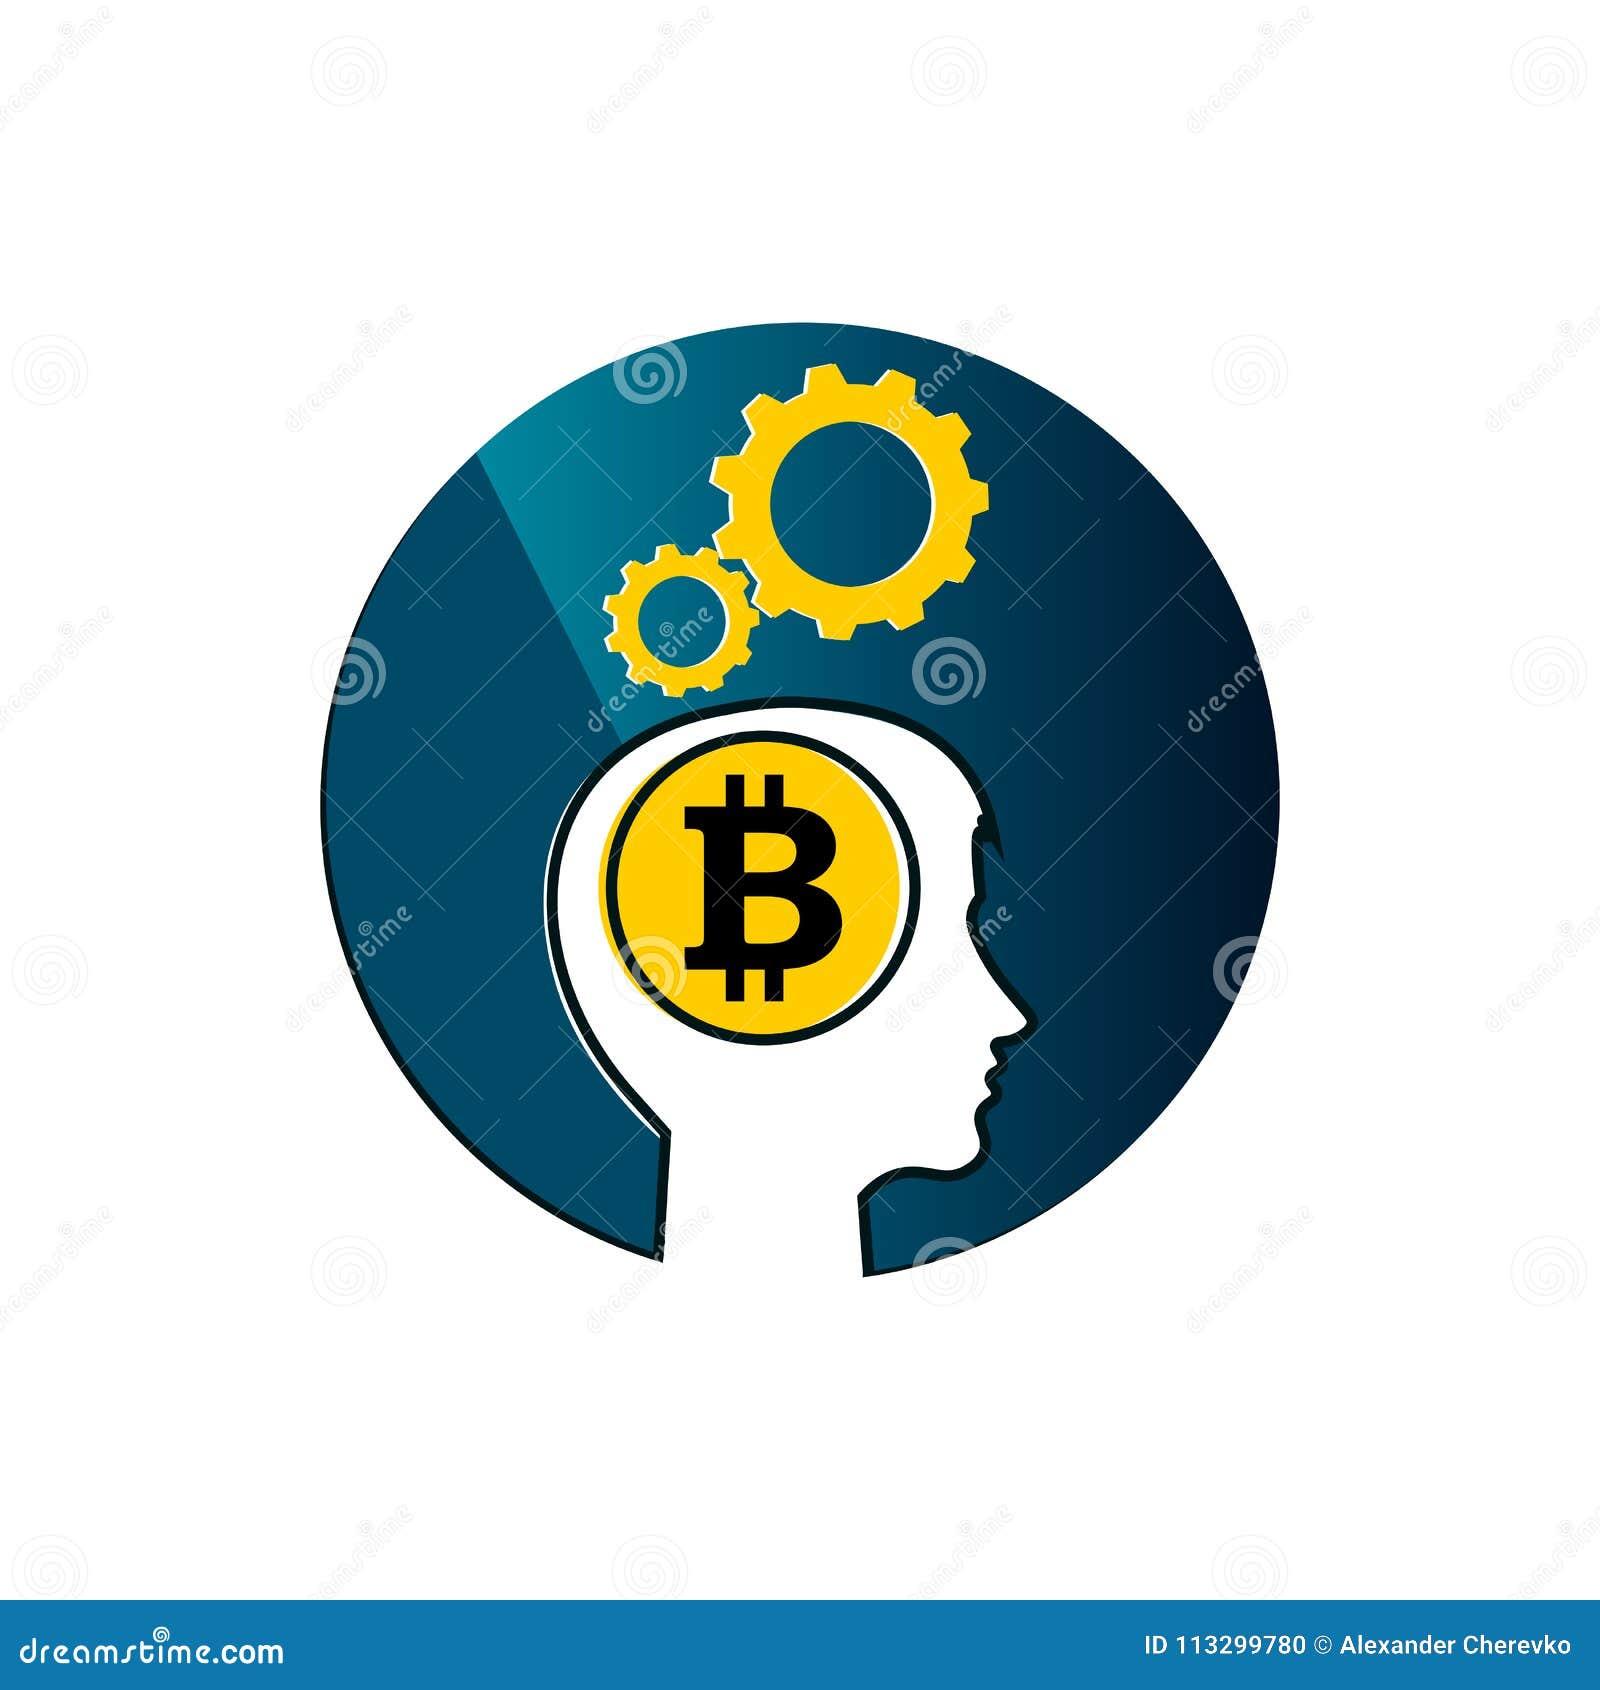 题头, 例证, 想象力, 创新, 智力, 互联网, 发明, 人们, 配置文件